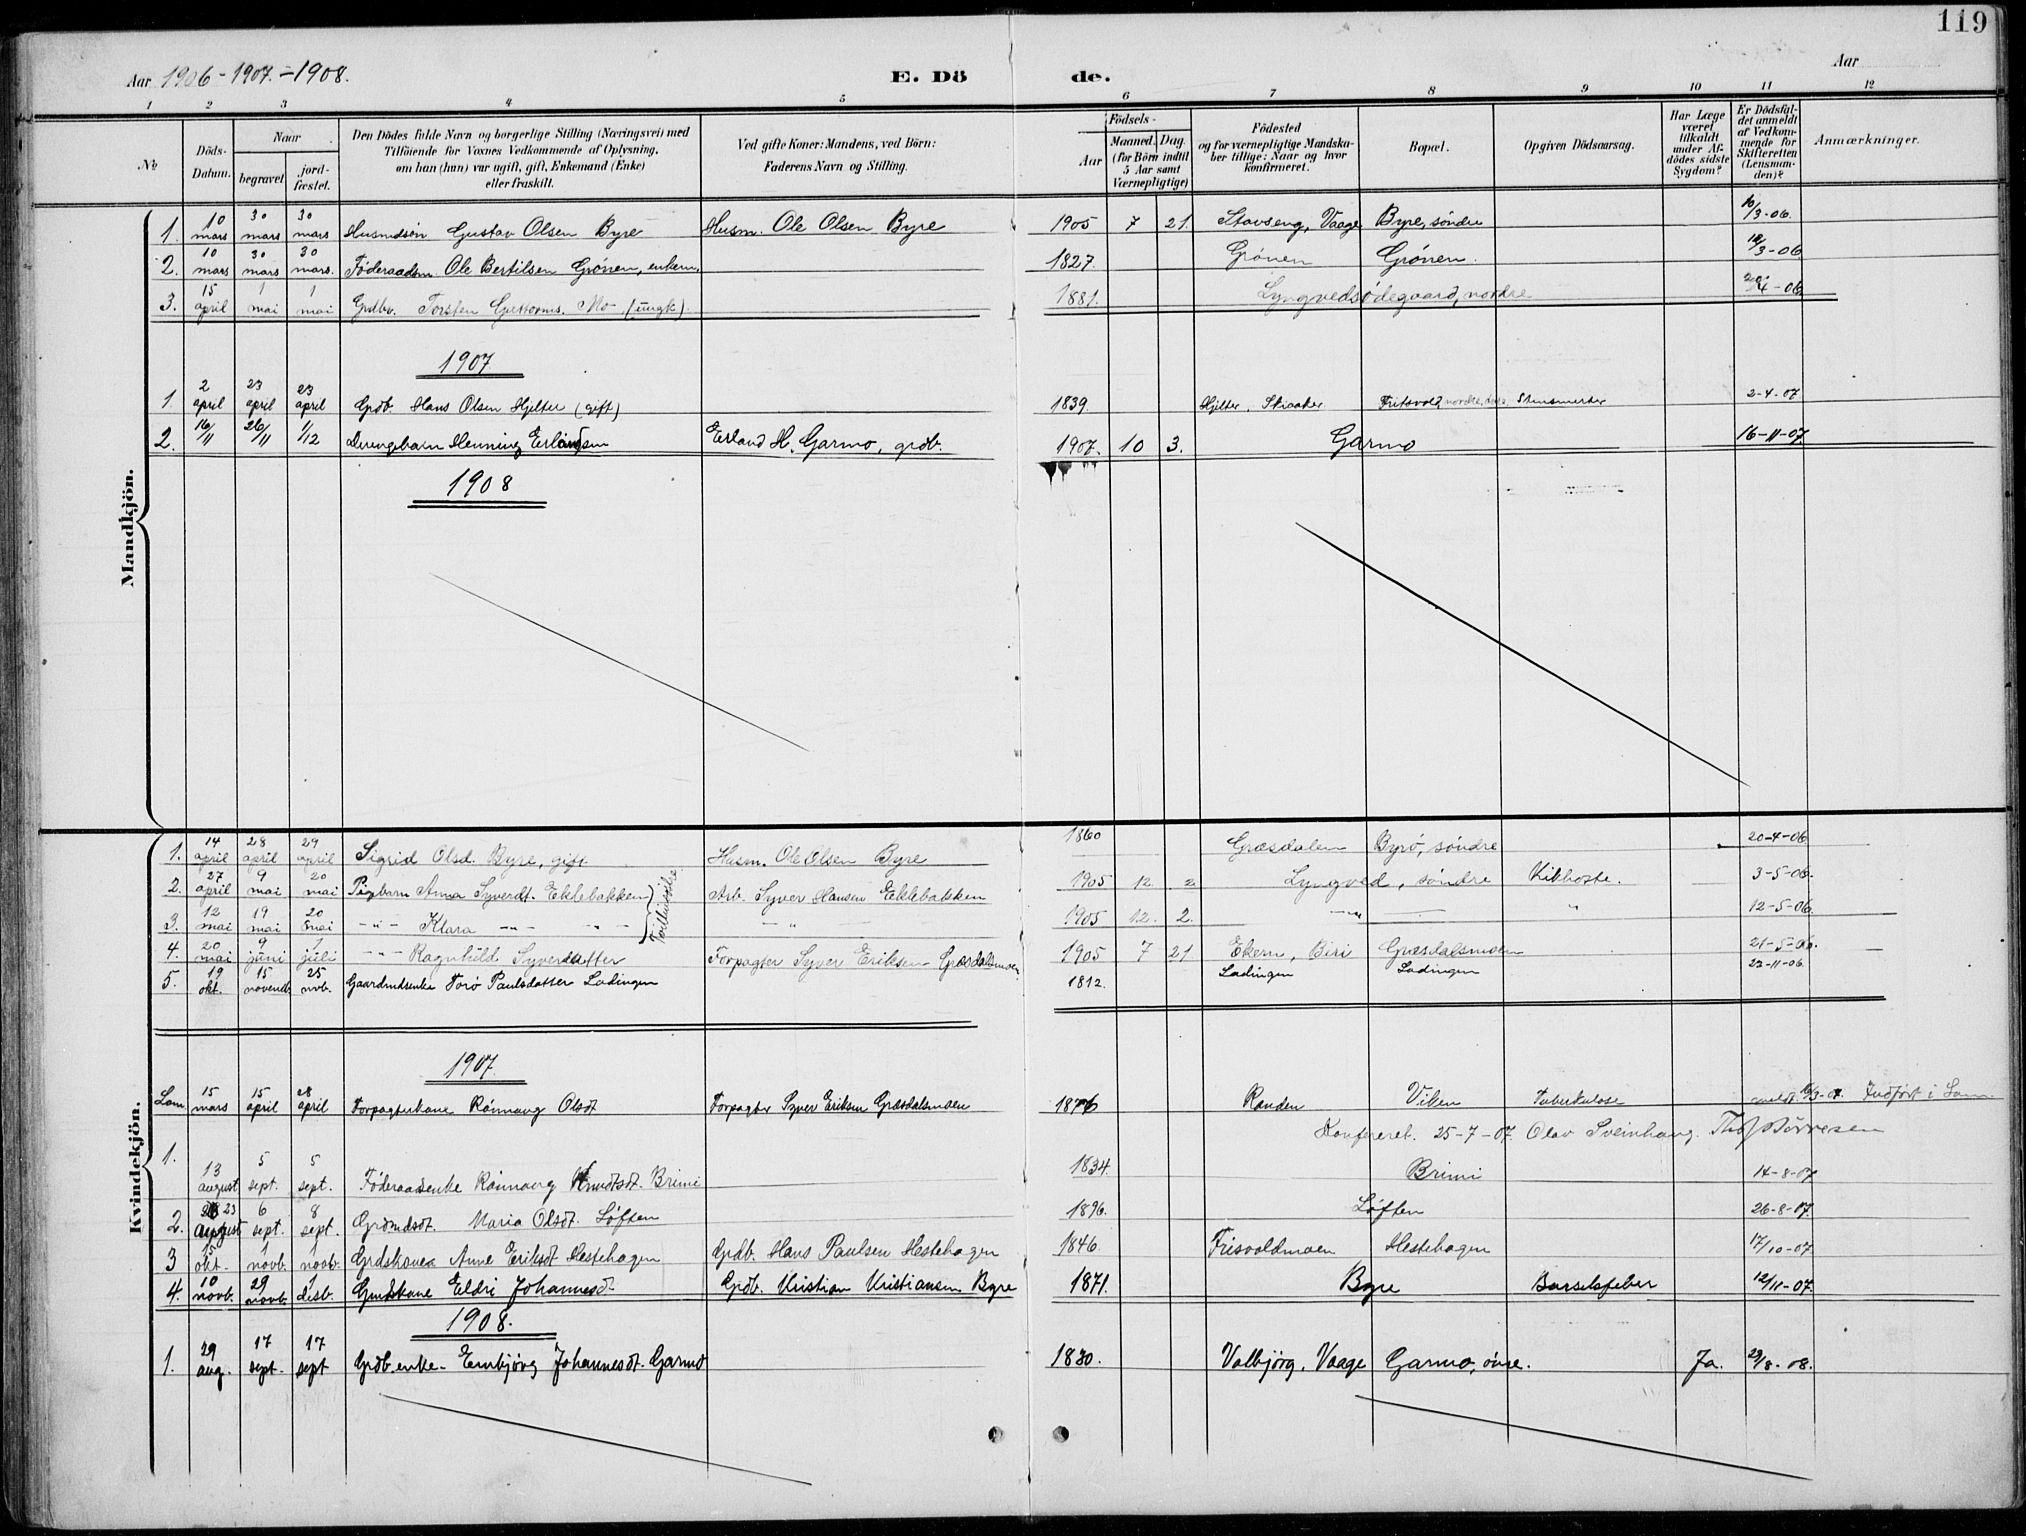 SAH, Lom prestekontor, L/L0006: Klokkerbok nr. 6, 1901-1939, s. 119